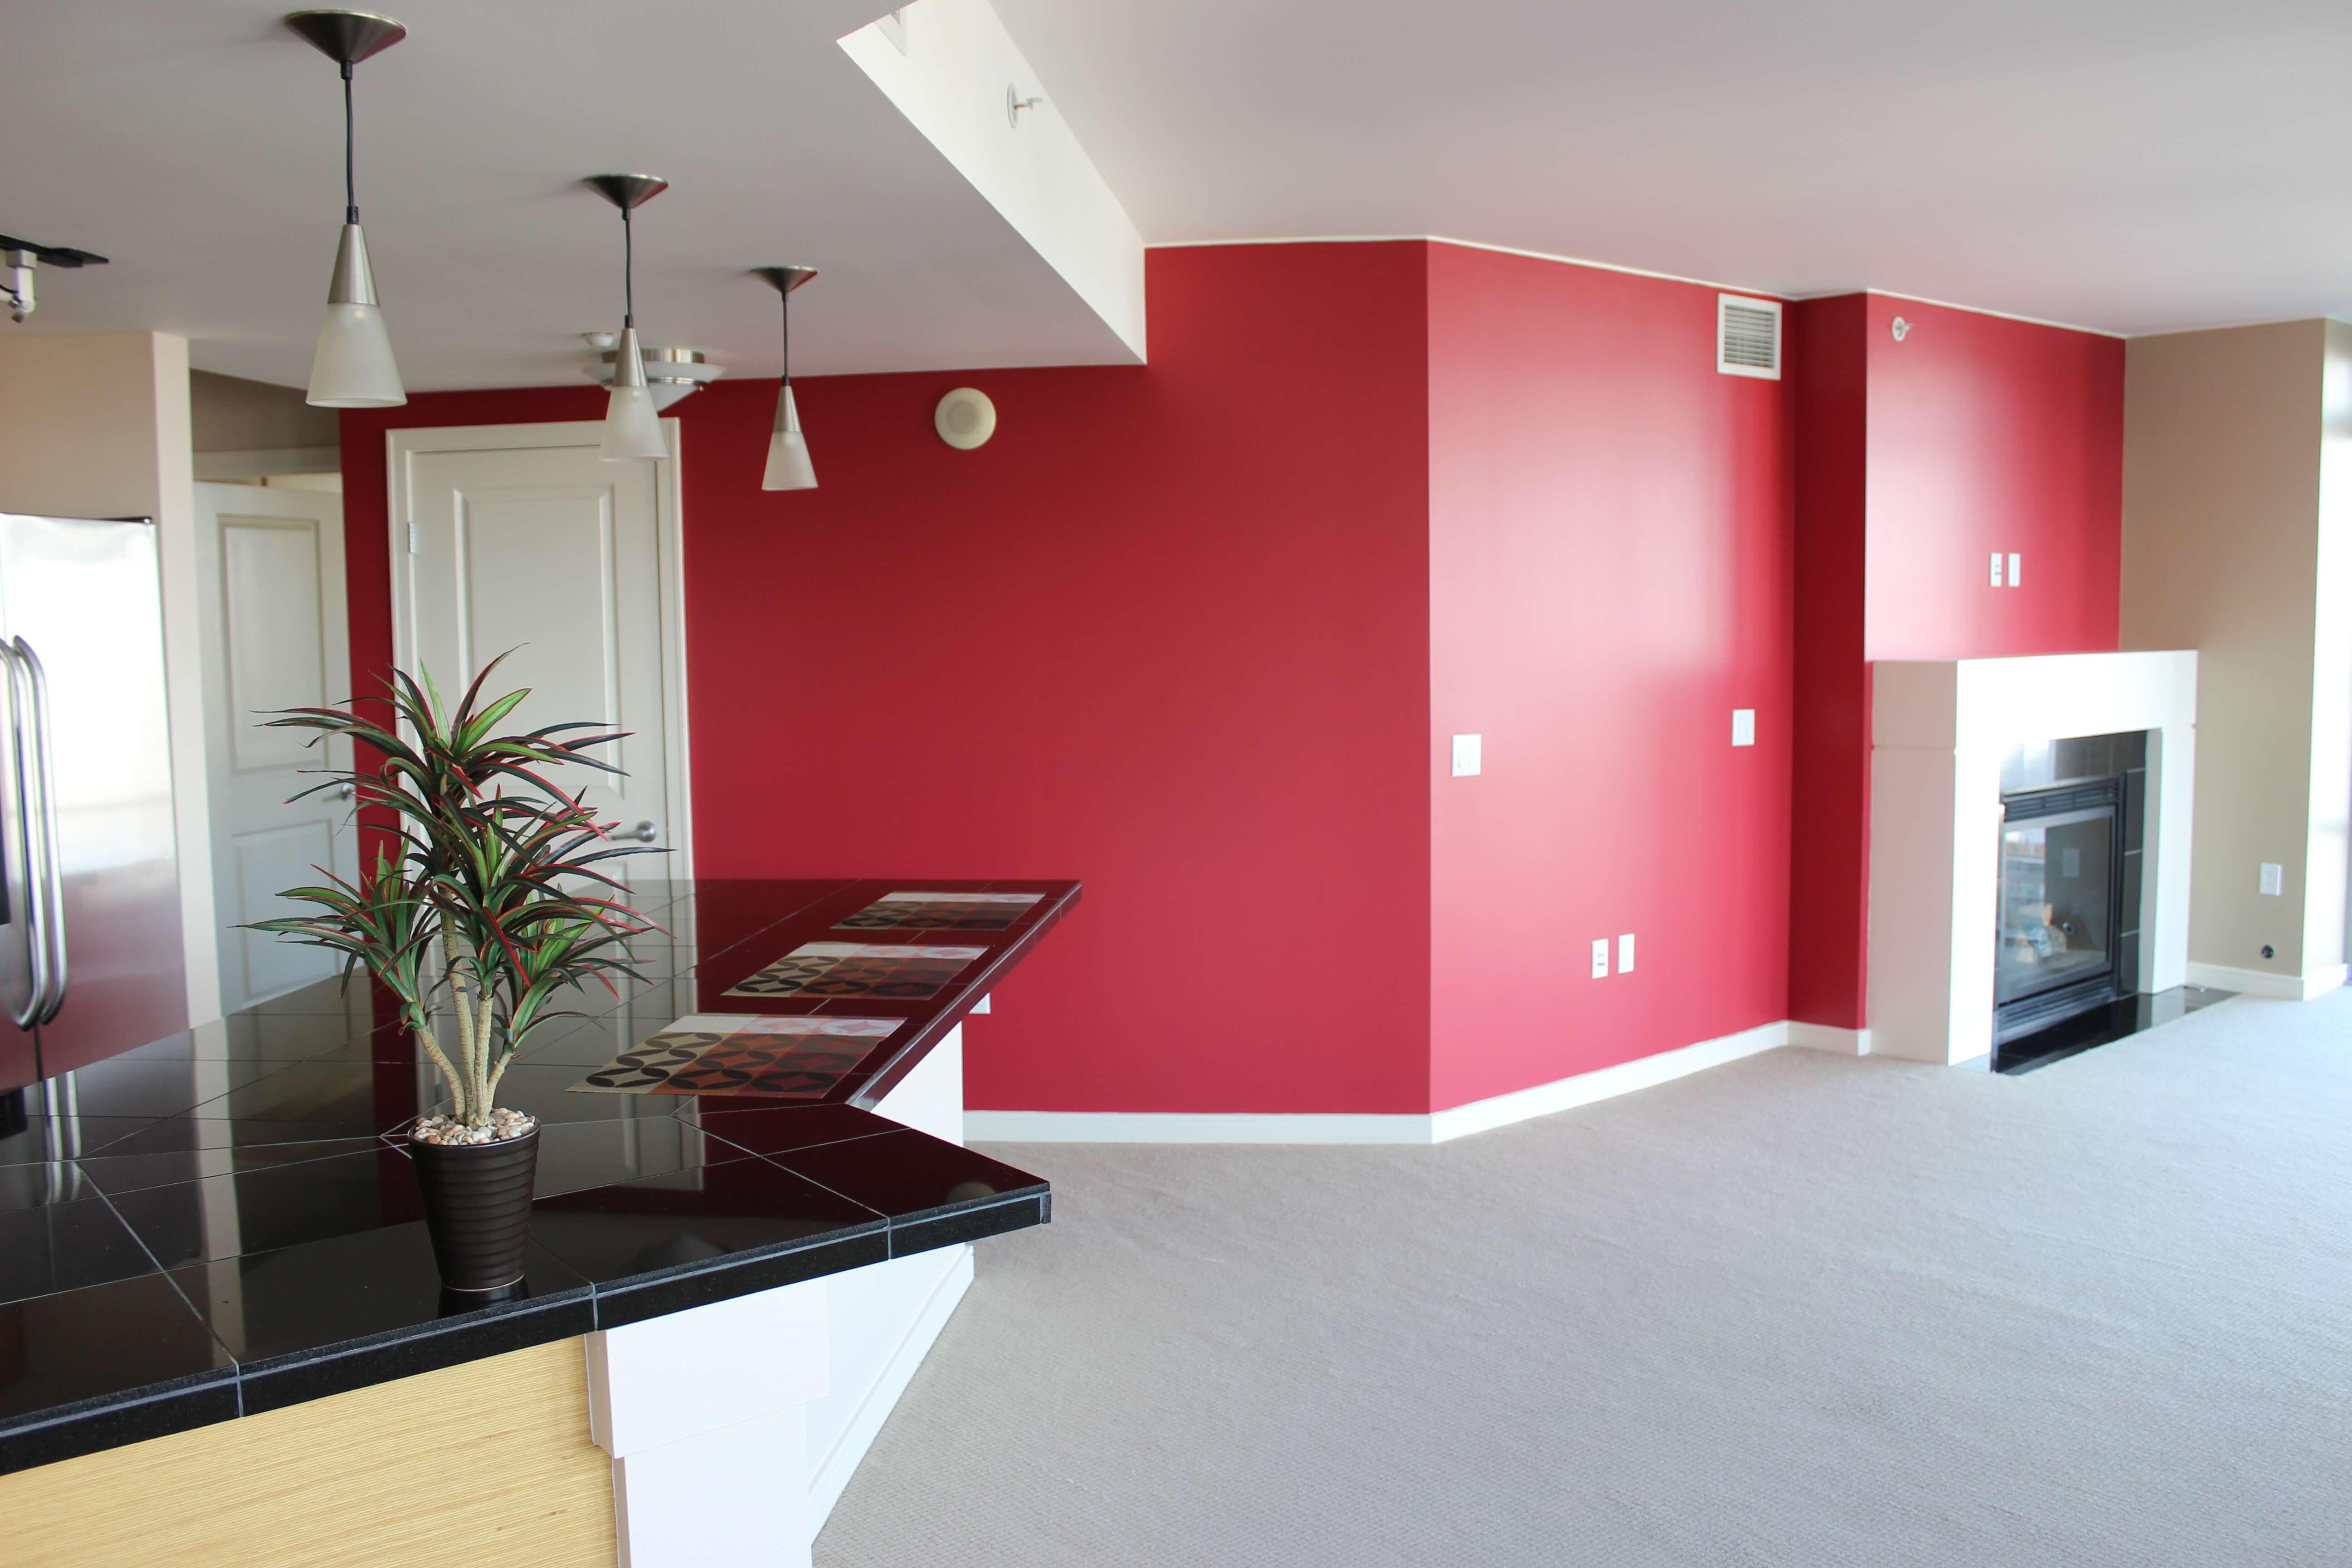 Como elegir el color para pintar mi casa pinturas coche for Colores claros para pintar una casa